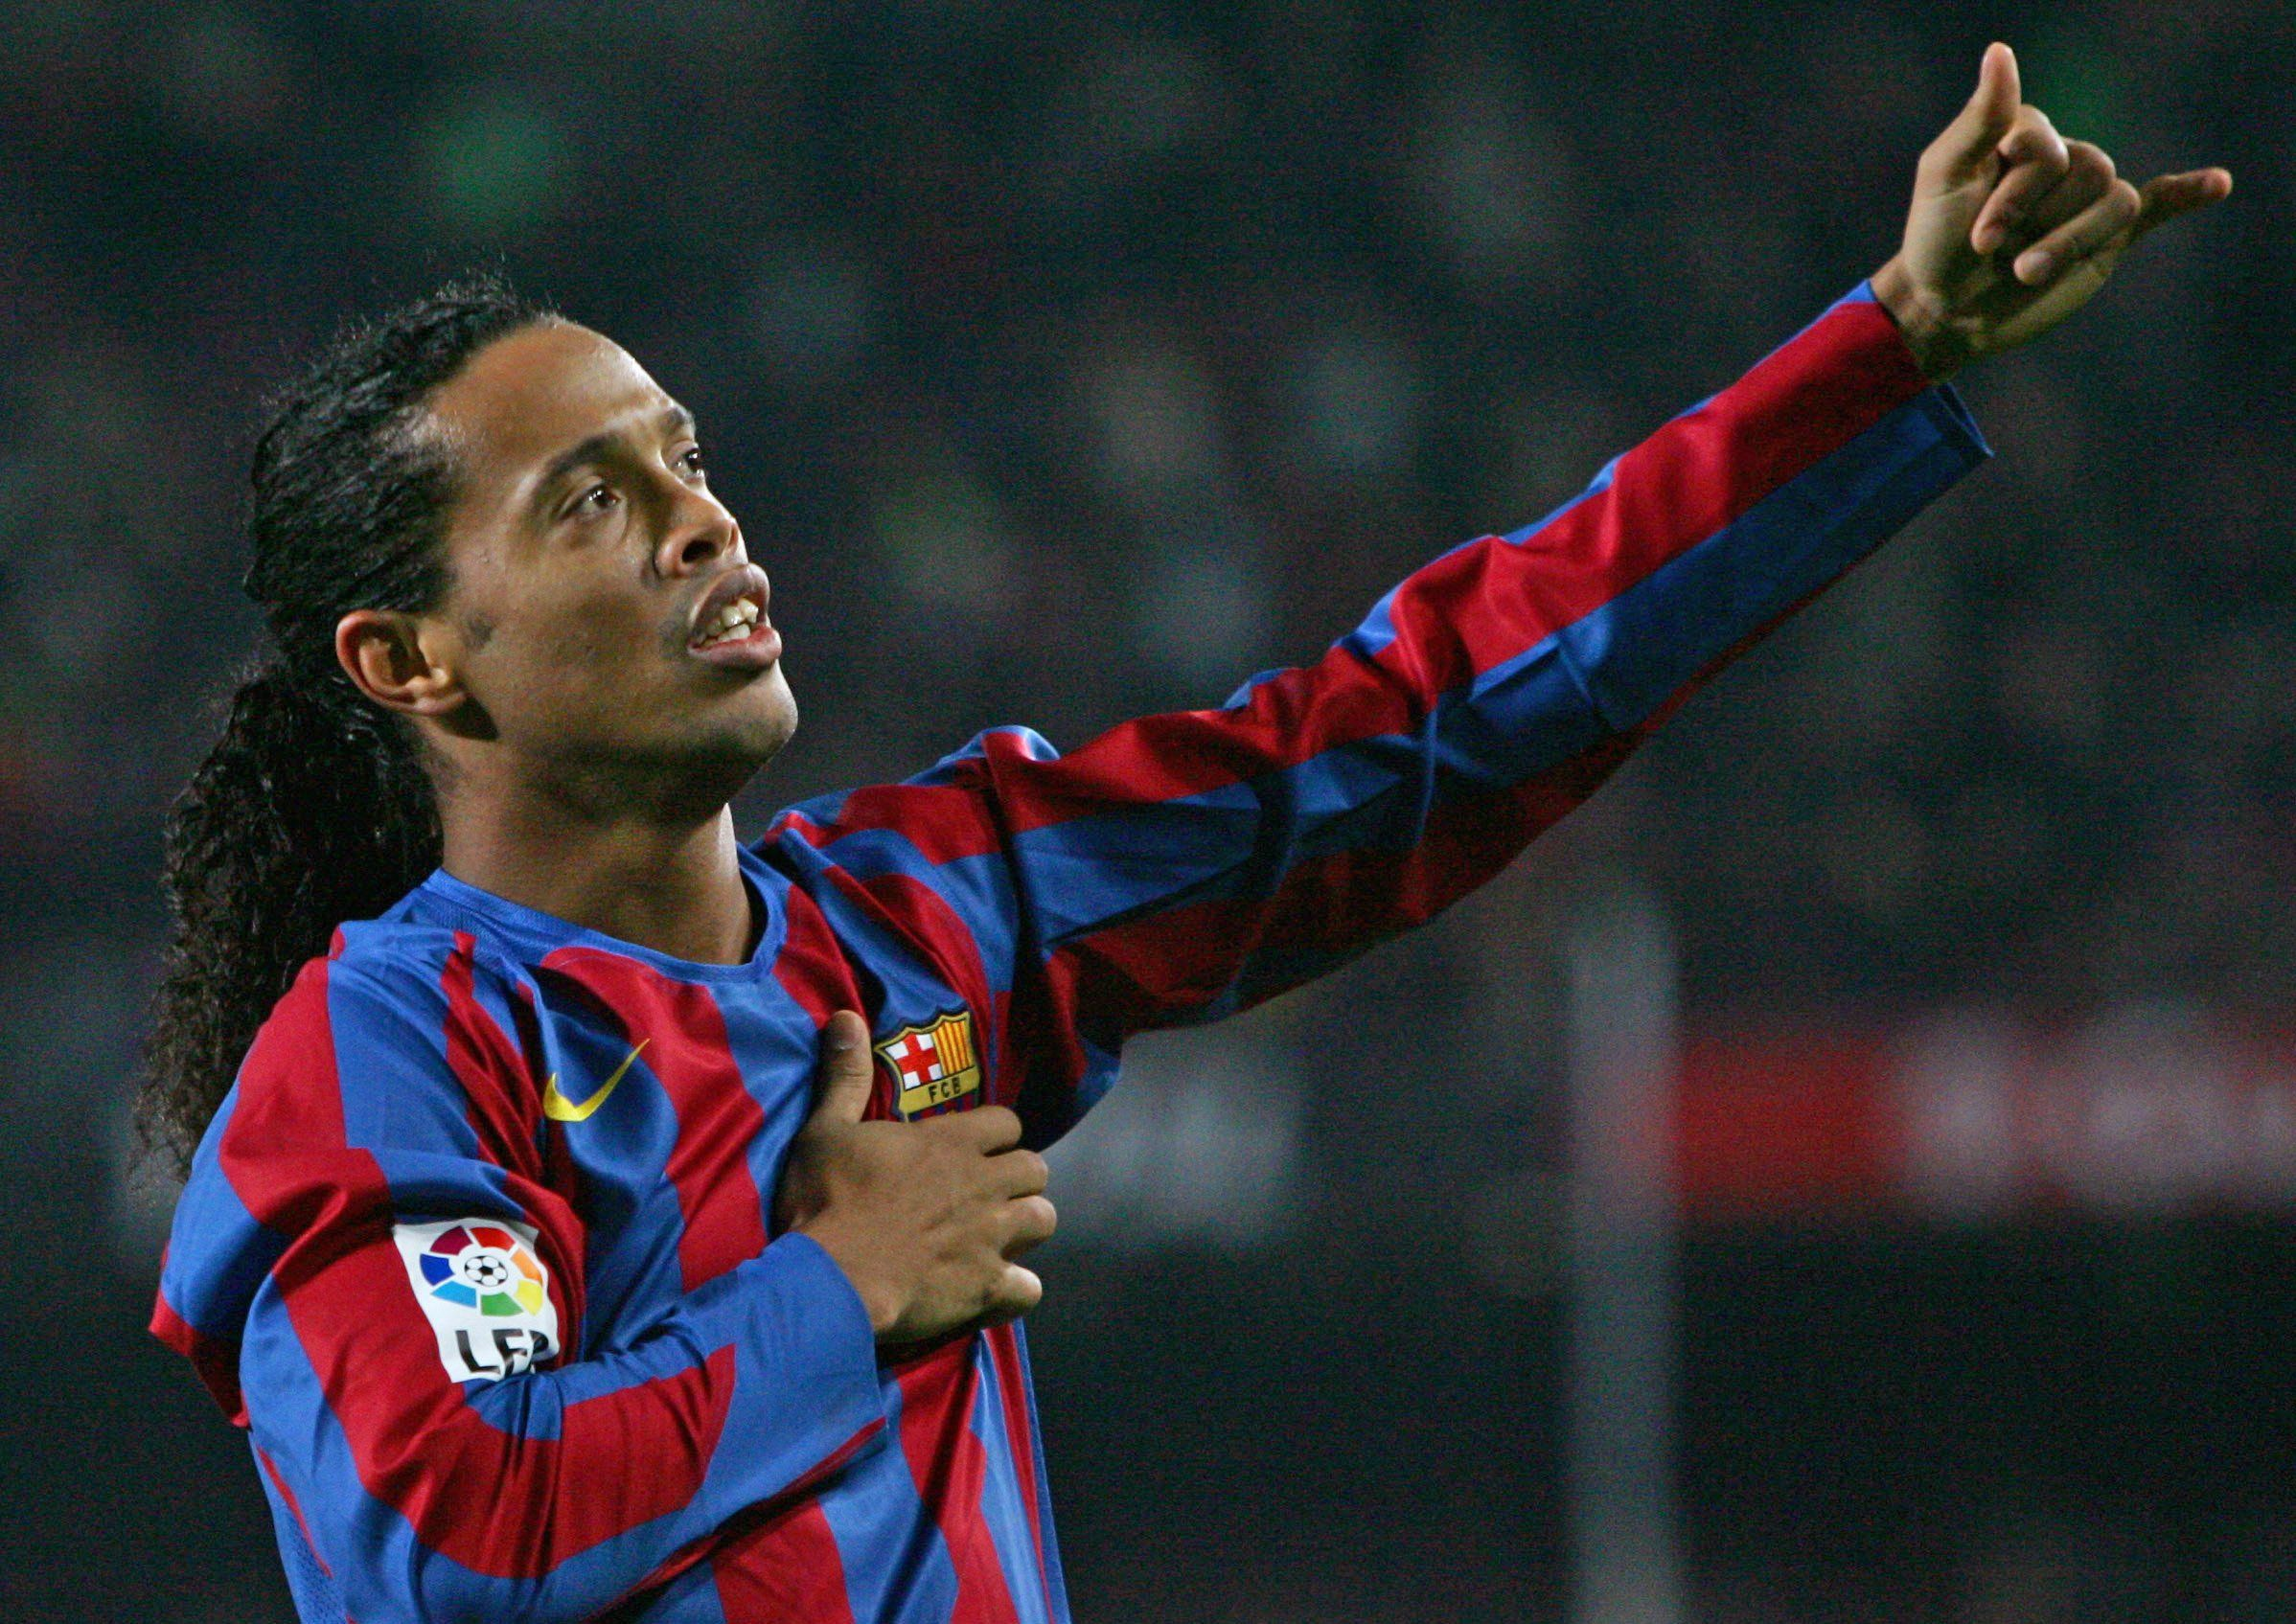 Peinado de Ronaldinho